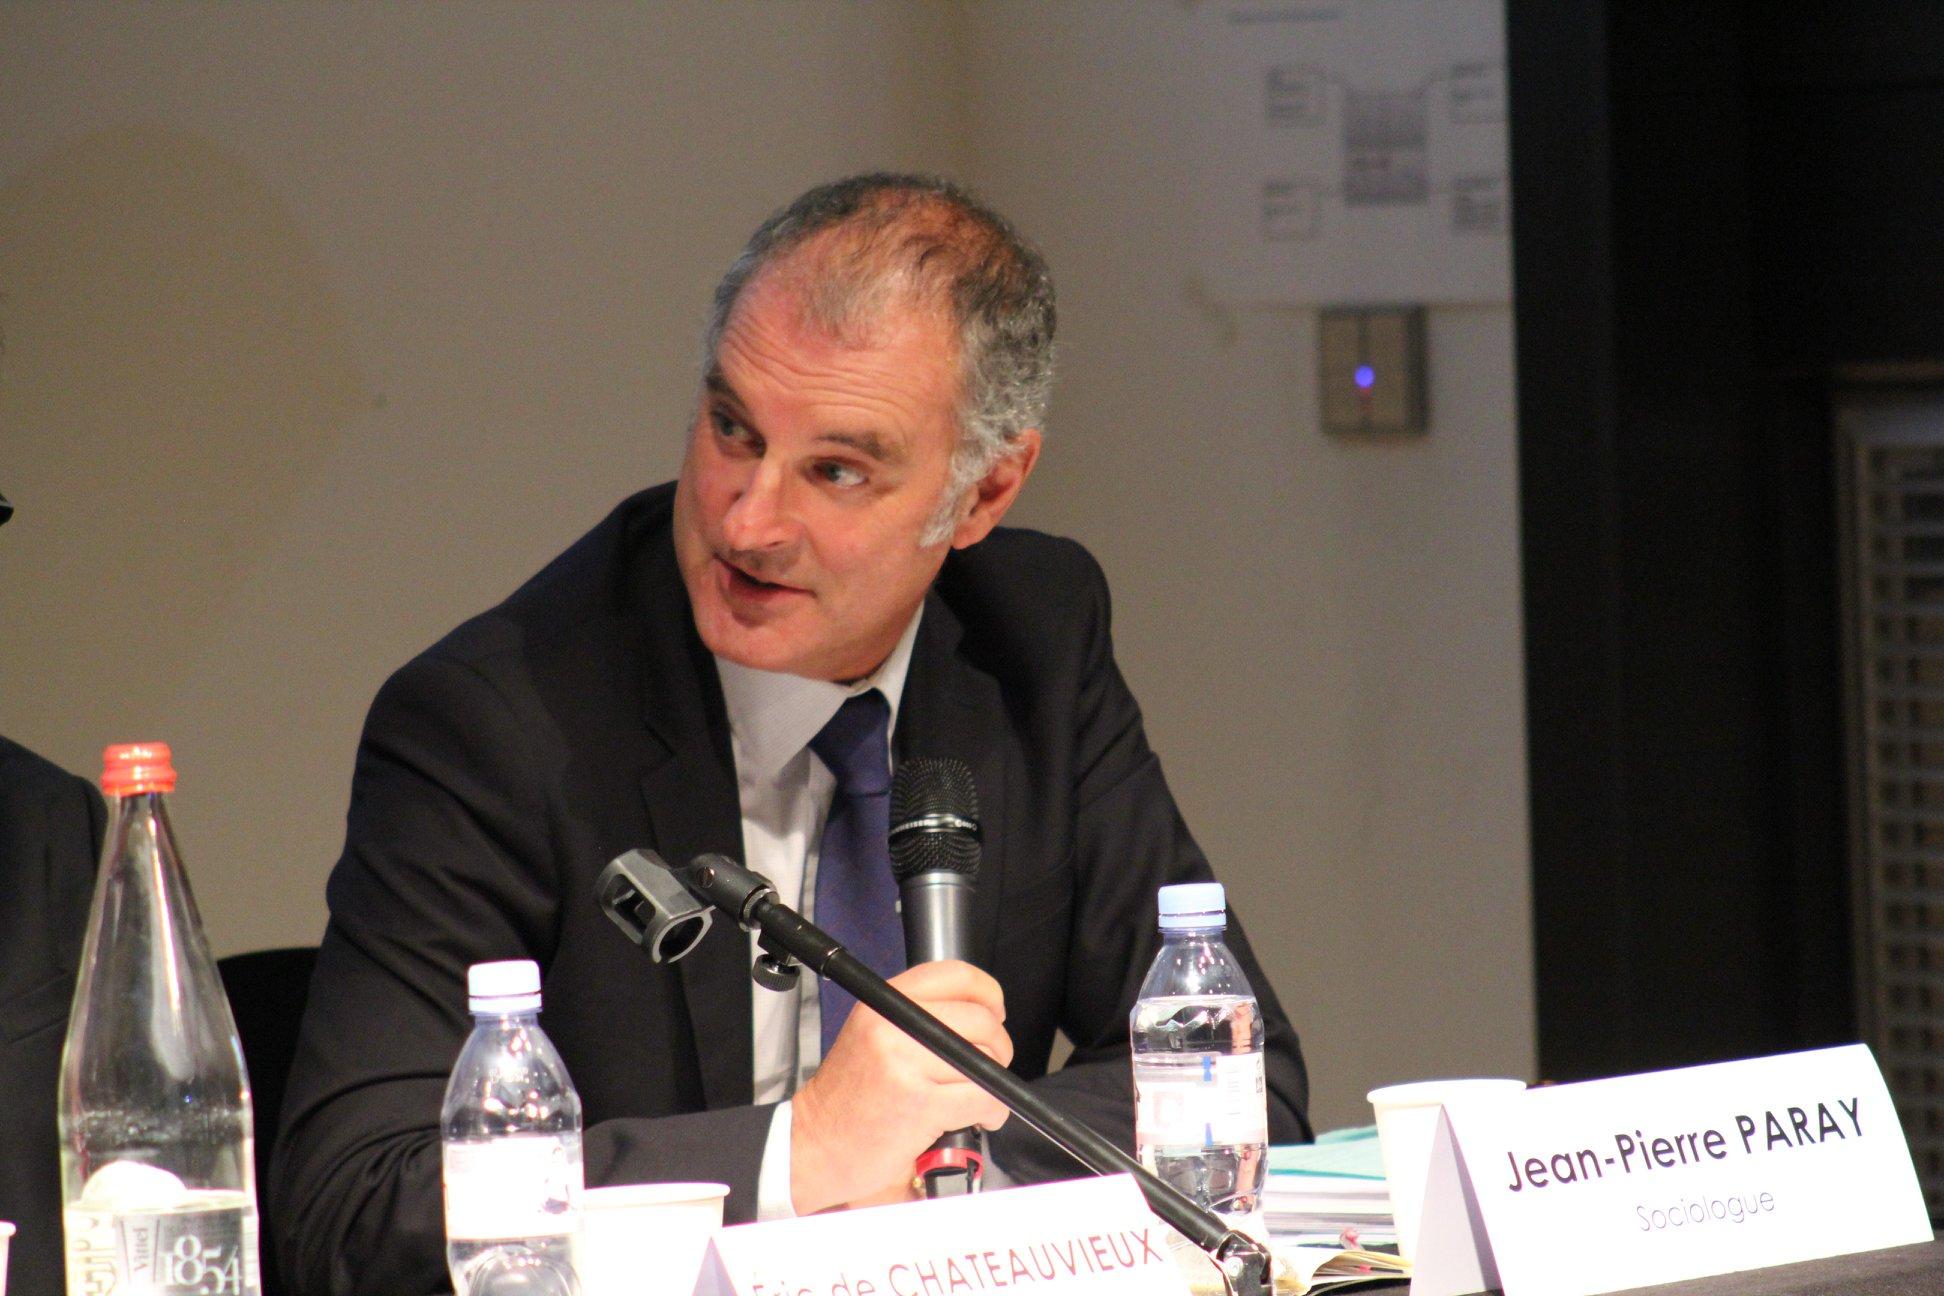 Jean Pierre Paray est intervenu devant plus de 100 personnes à la Mutualité Francaise sur Faire face au risque de la désinsertion professionnelle